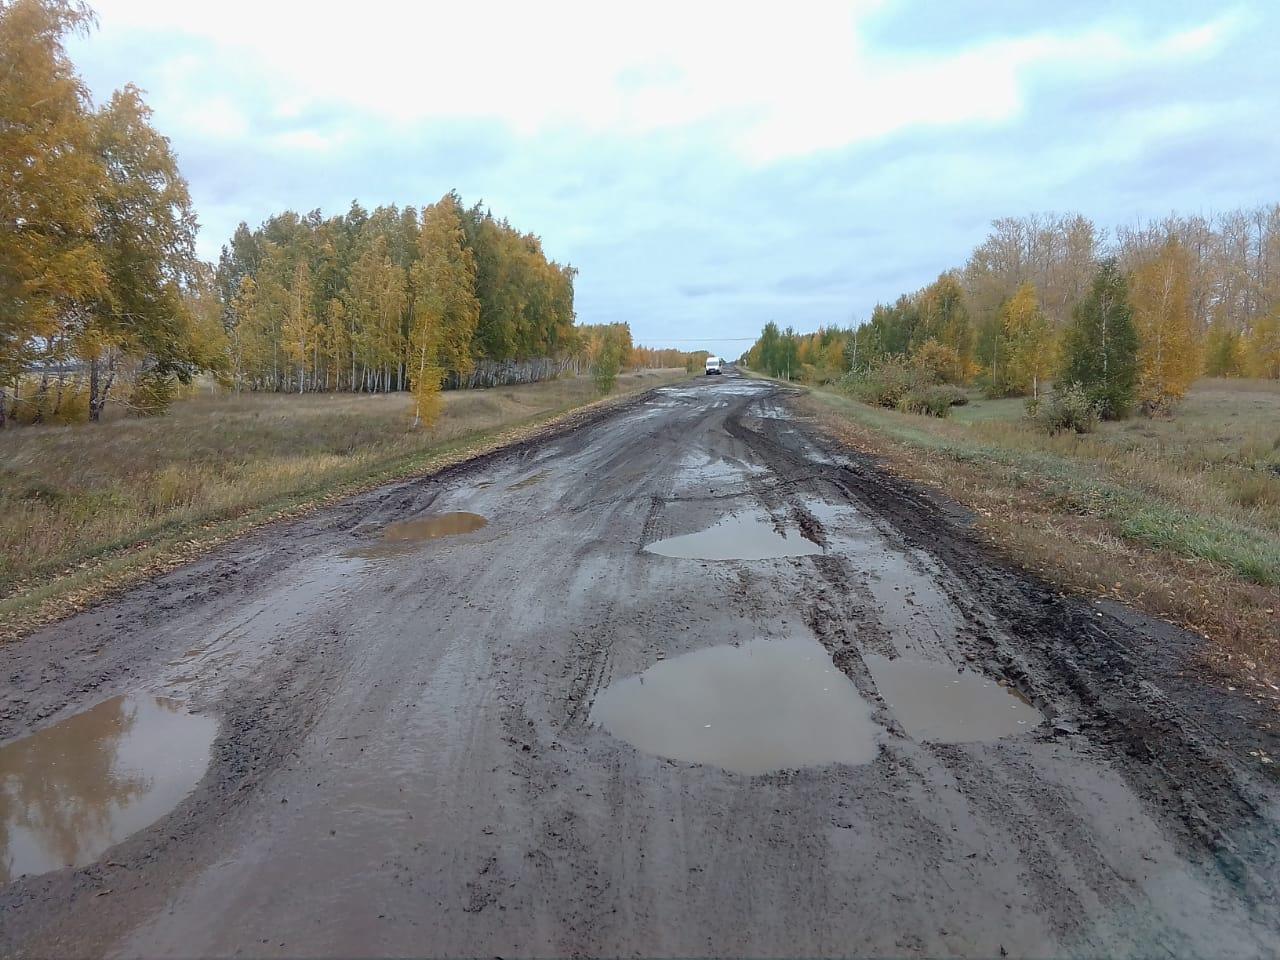 Заев о дорогах в Омской области: «Такое ощущение, что война прошла» #Новости #Общество #Омск